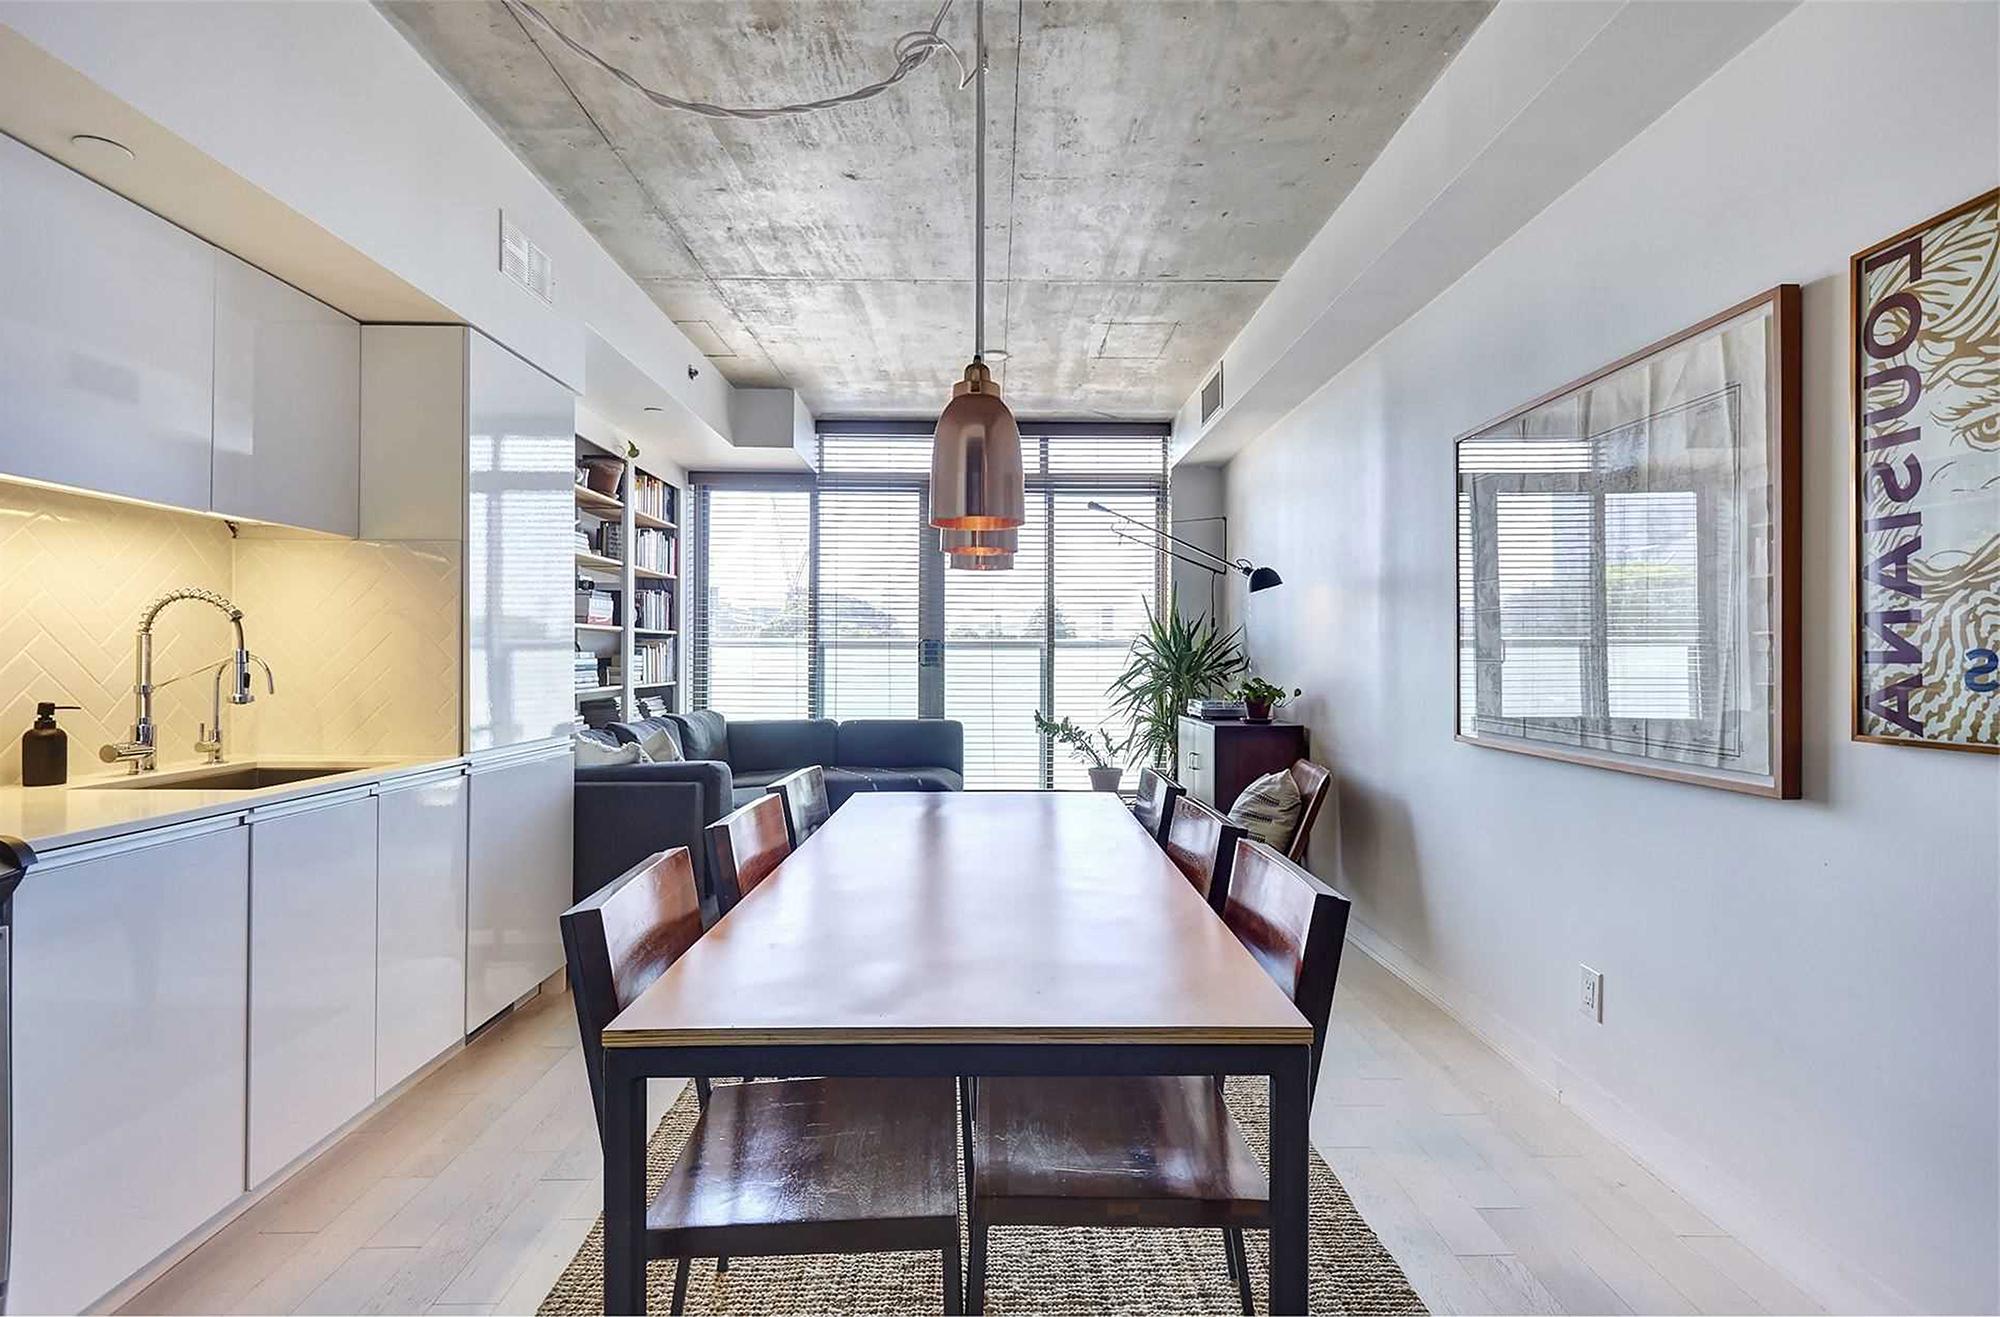 混搭风格一居室餐厅装修效果图